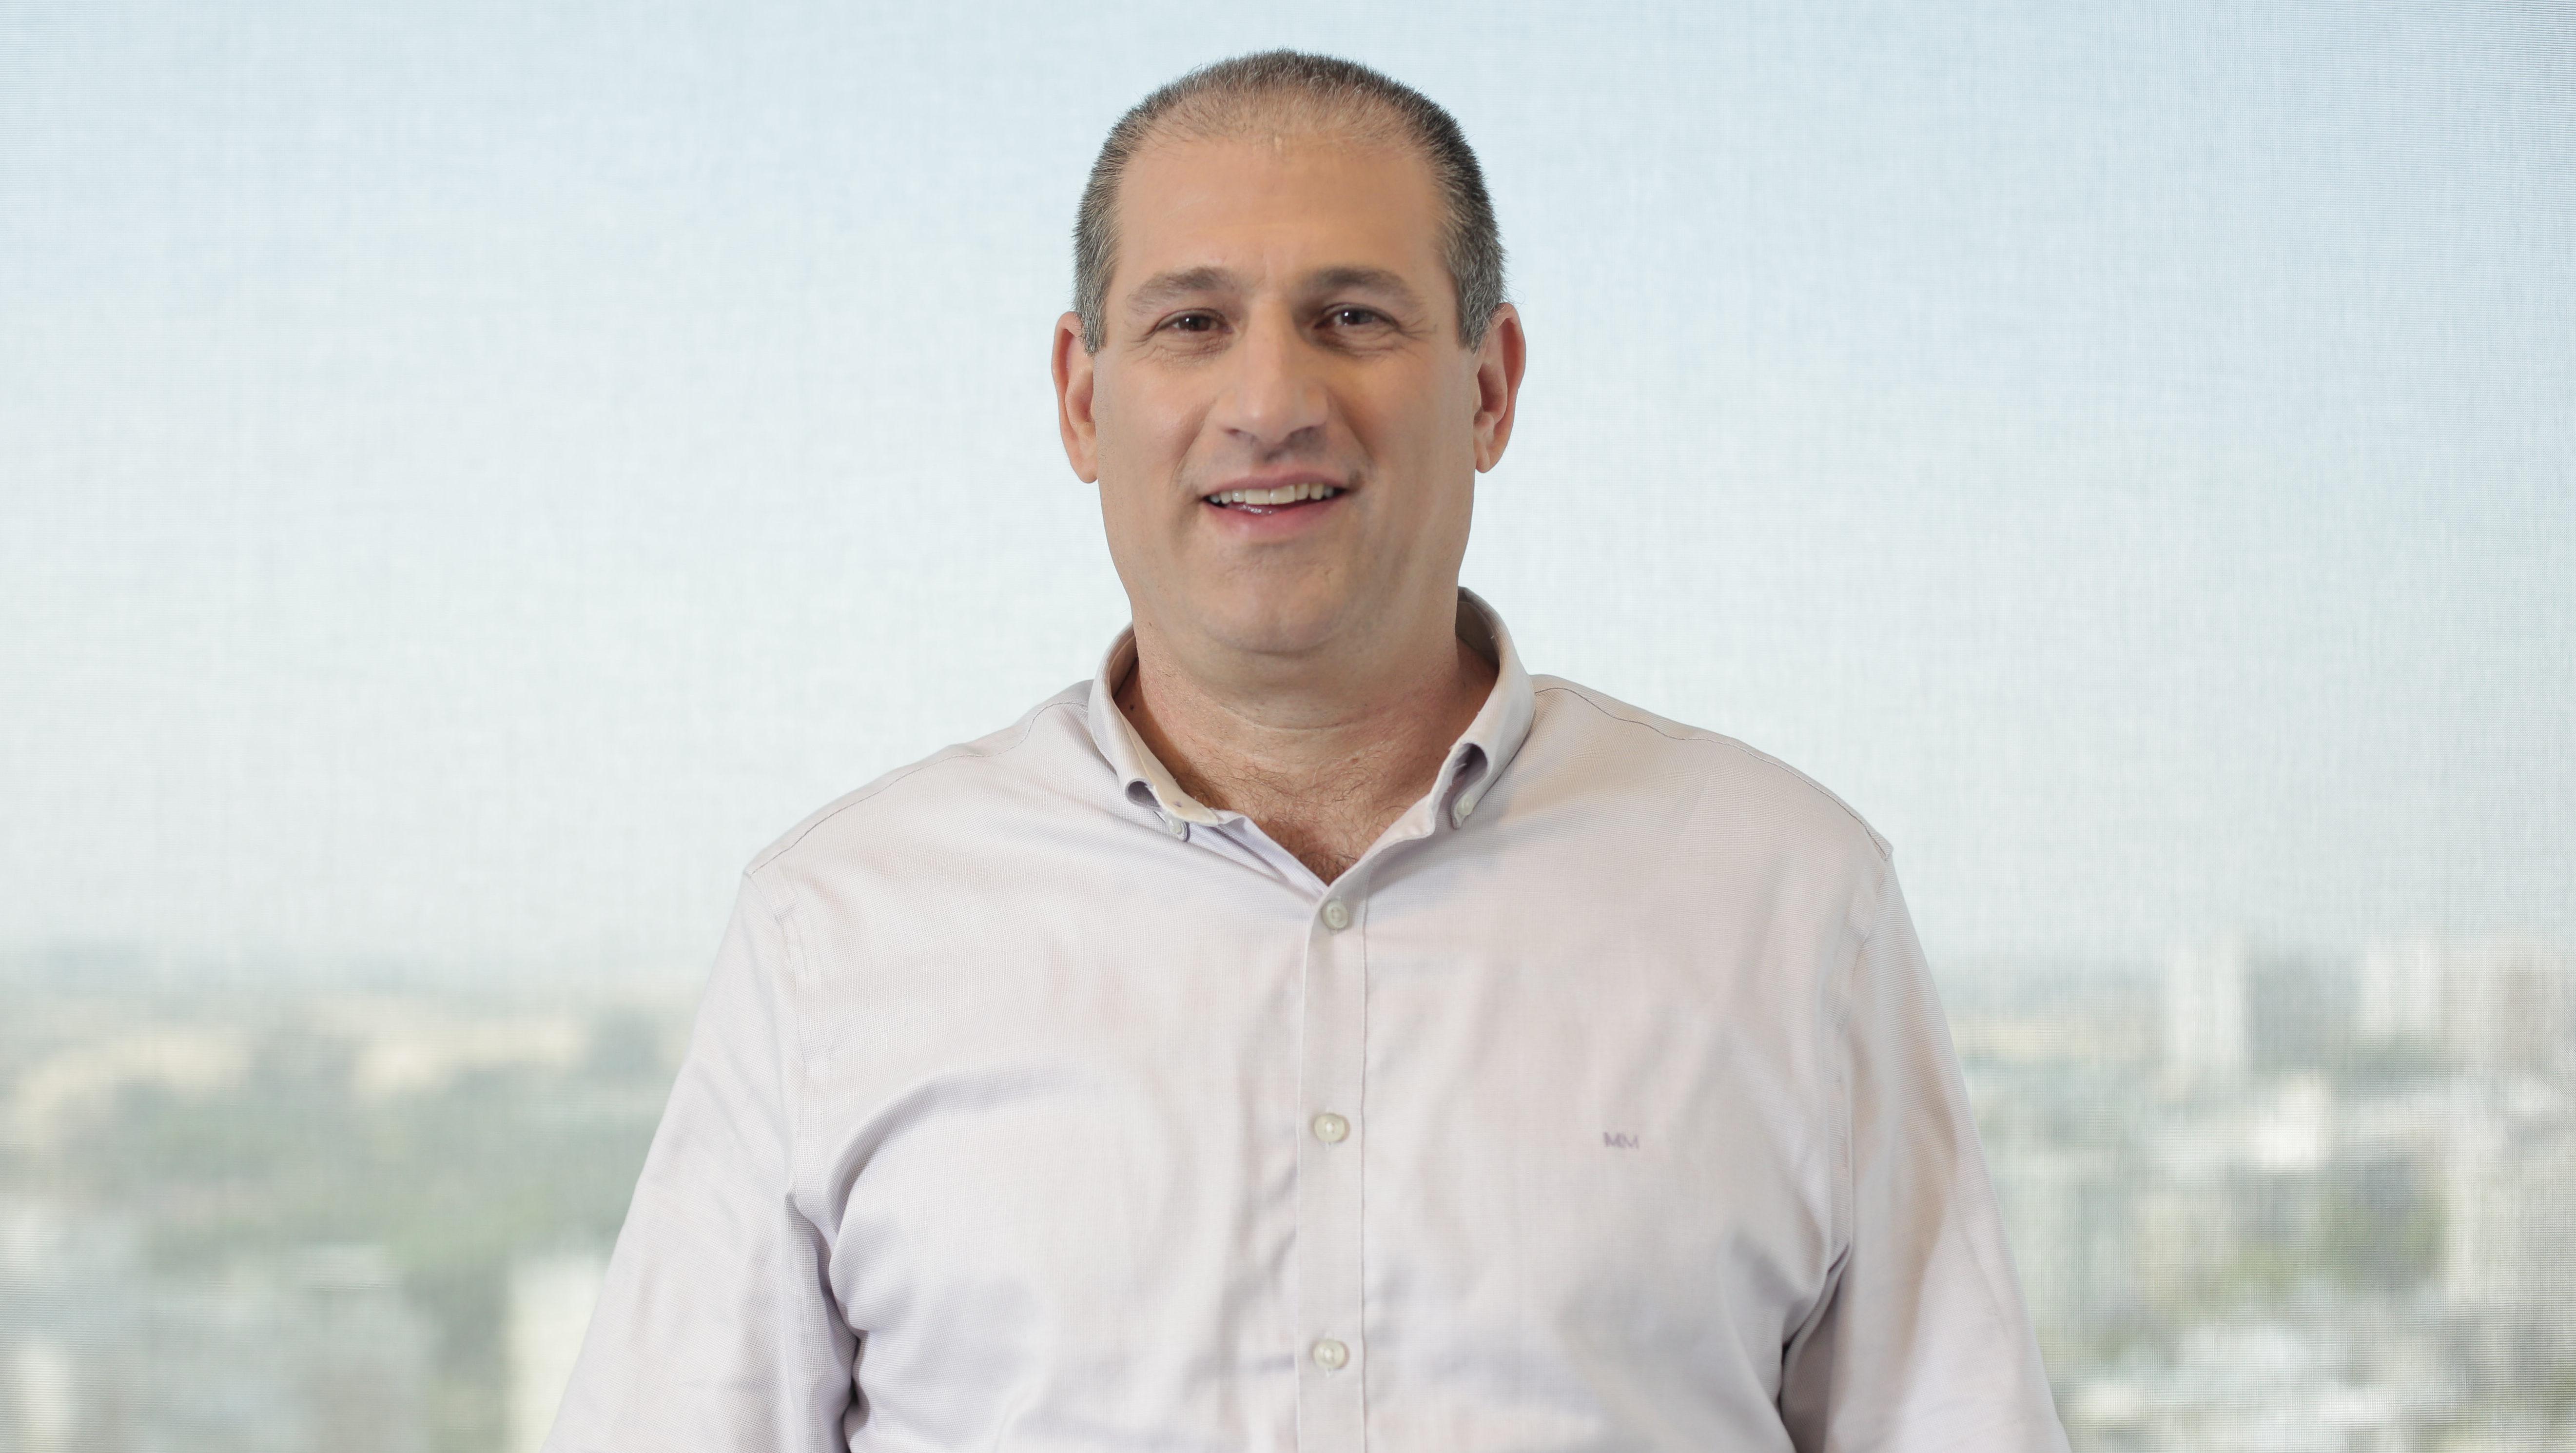 """הלמן אלדובי גייס 42 מיליון שקל בקרן P2P העוסקת בהלוואות אשראי צרכני בארה""""ב"""